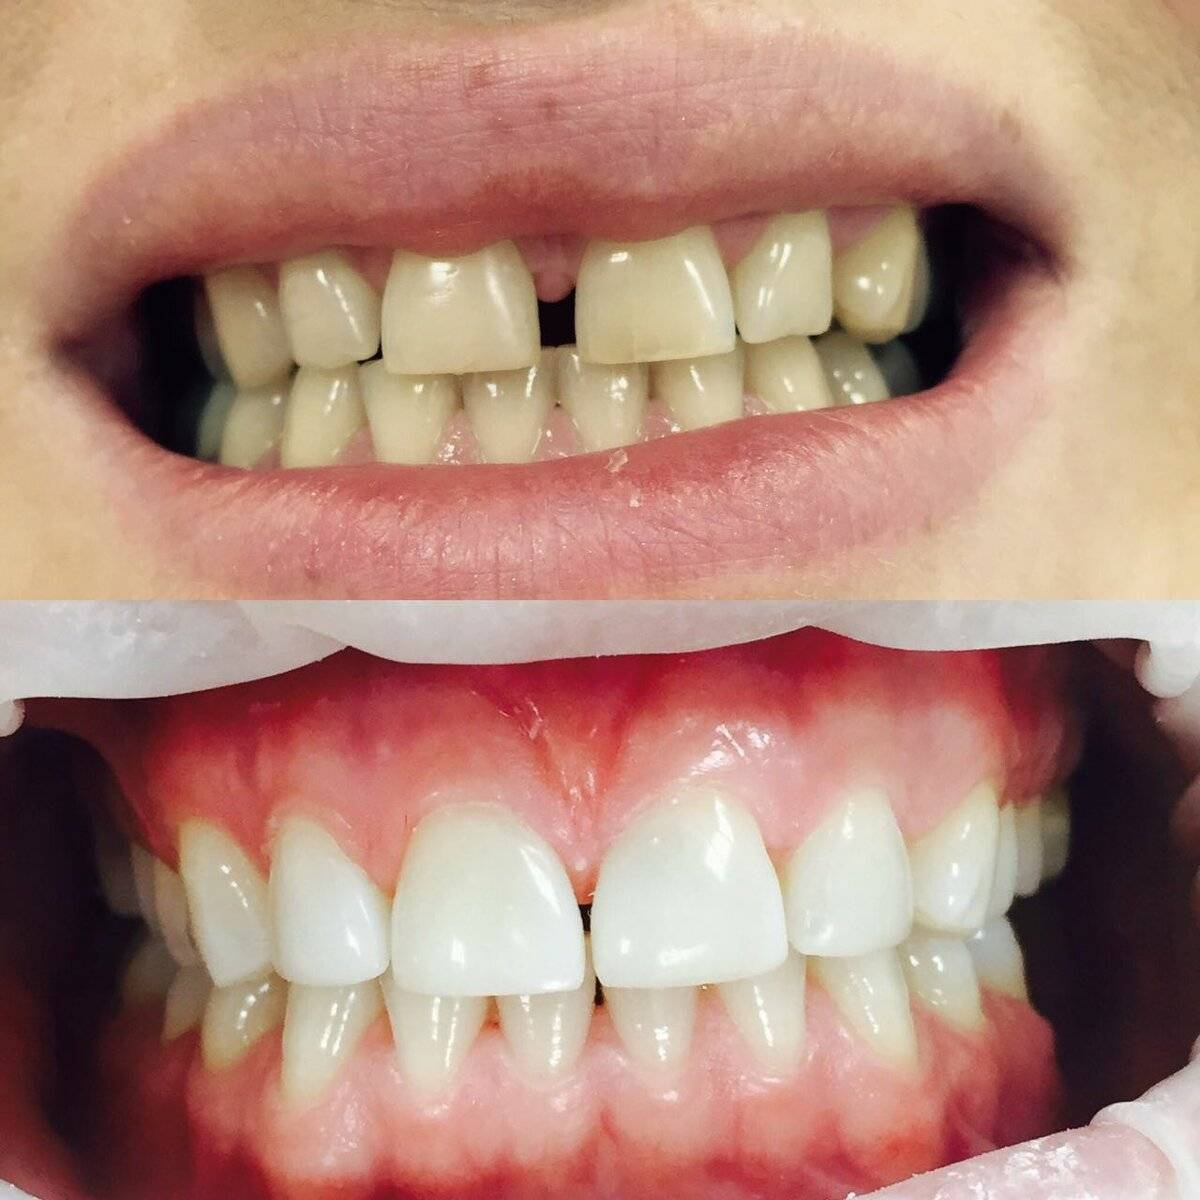 Художественная реставрация передних зубов — фото эстетического восстановления фронтальных резцов